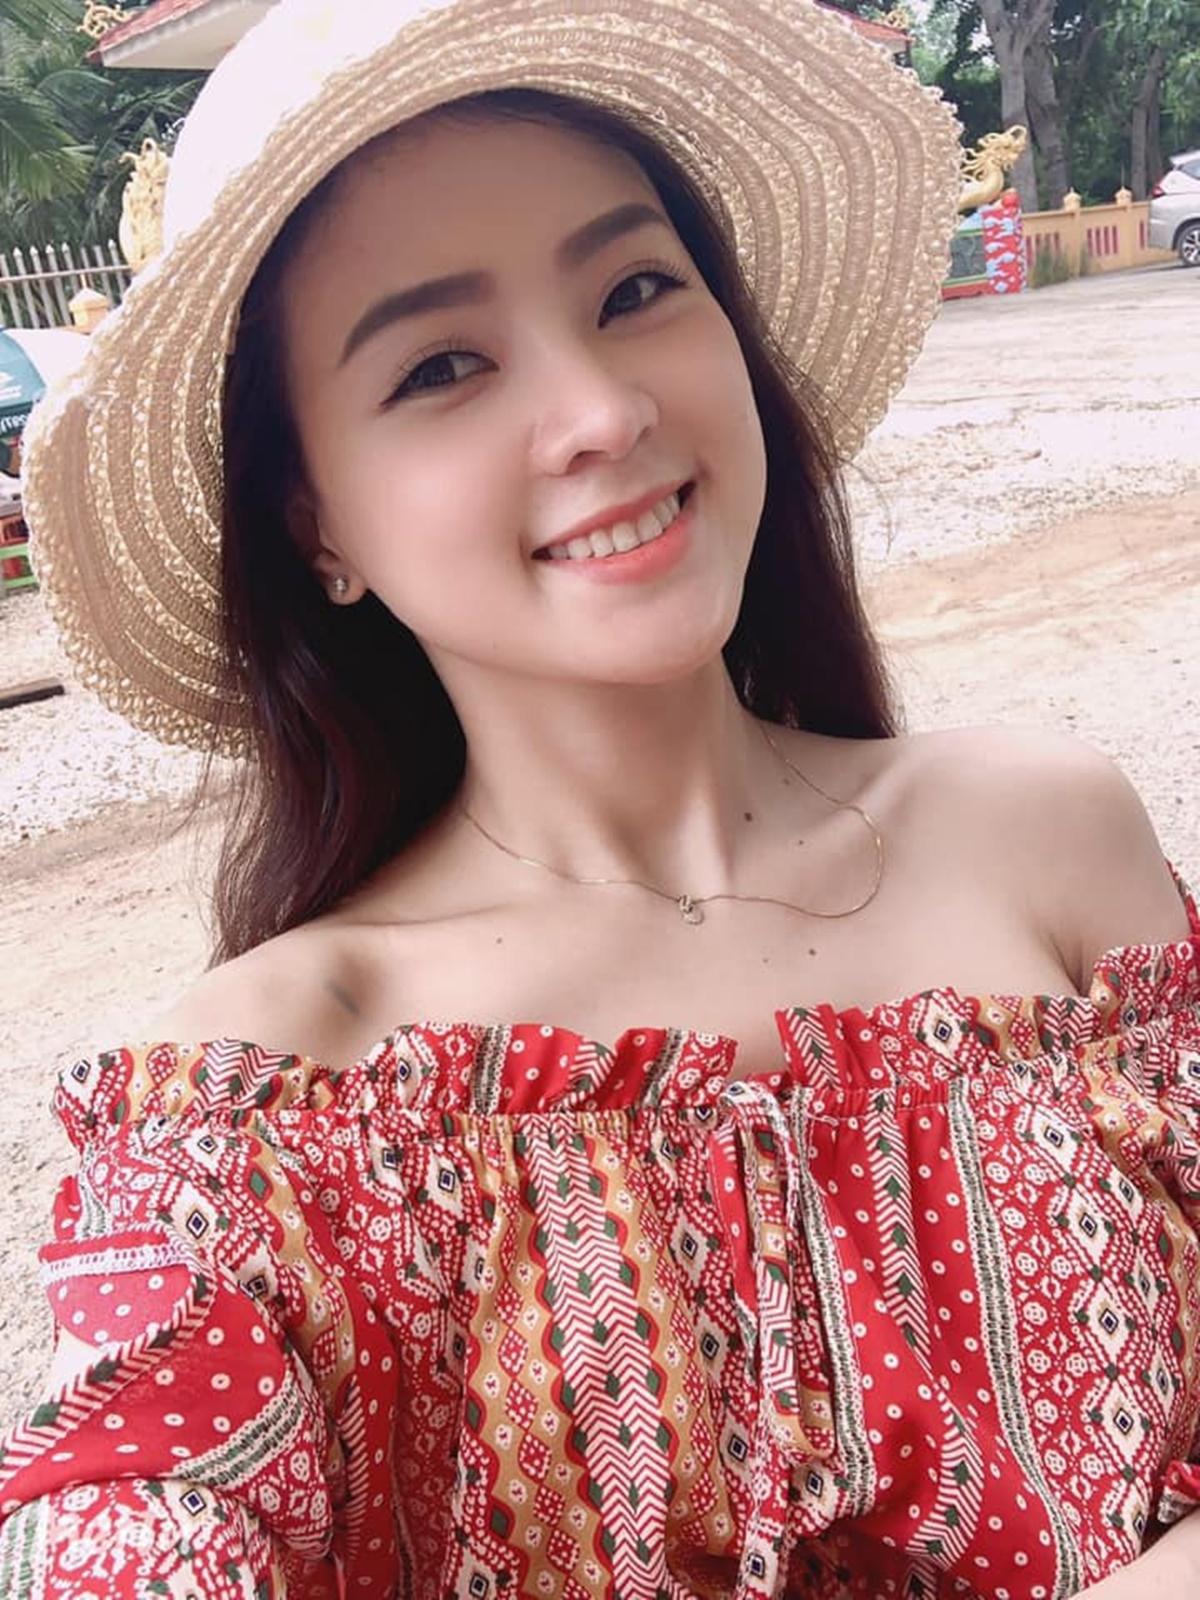 Thiên Hương thường trang điểm nhẹ, mặc đơn giản ở đời thường.